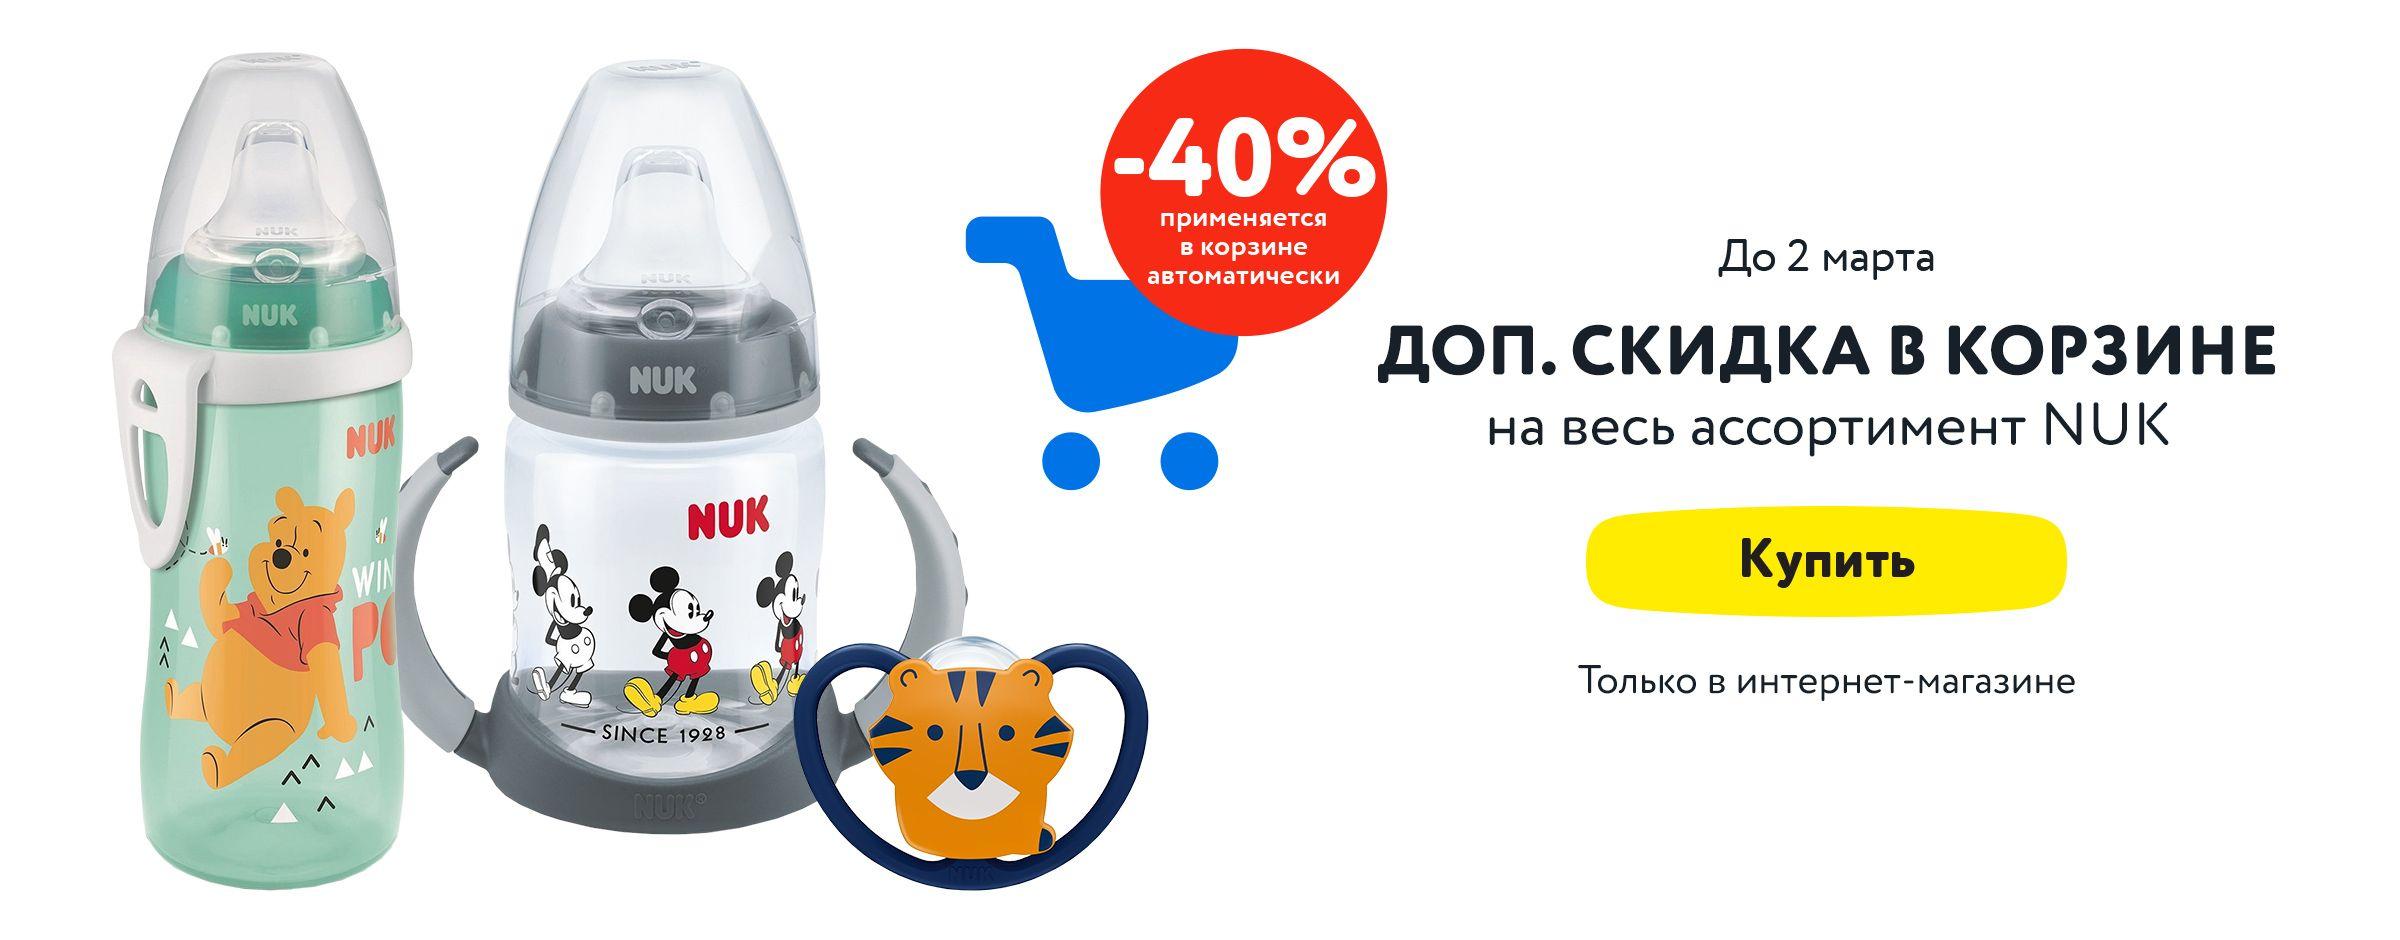 40% в корзине на весь ассортимент NUK статика